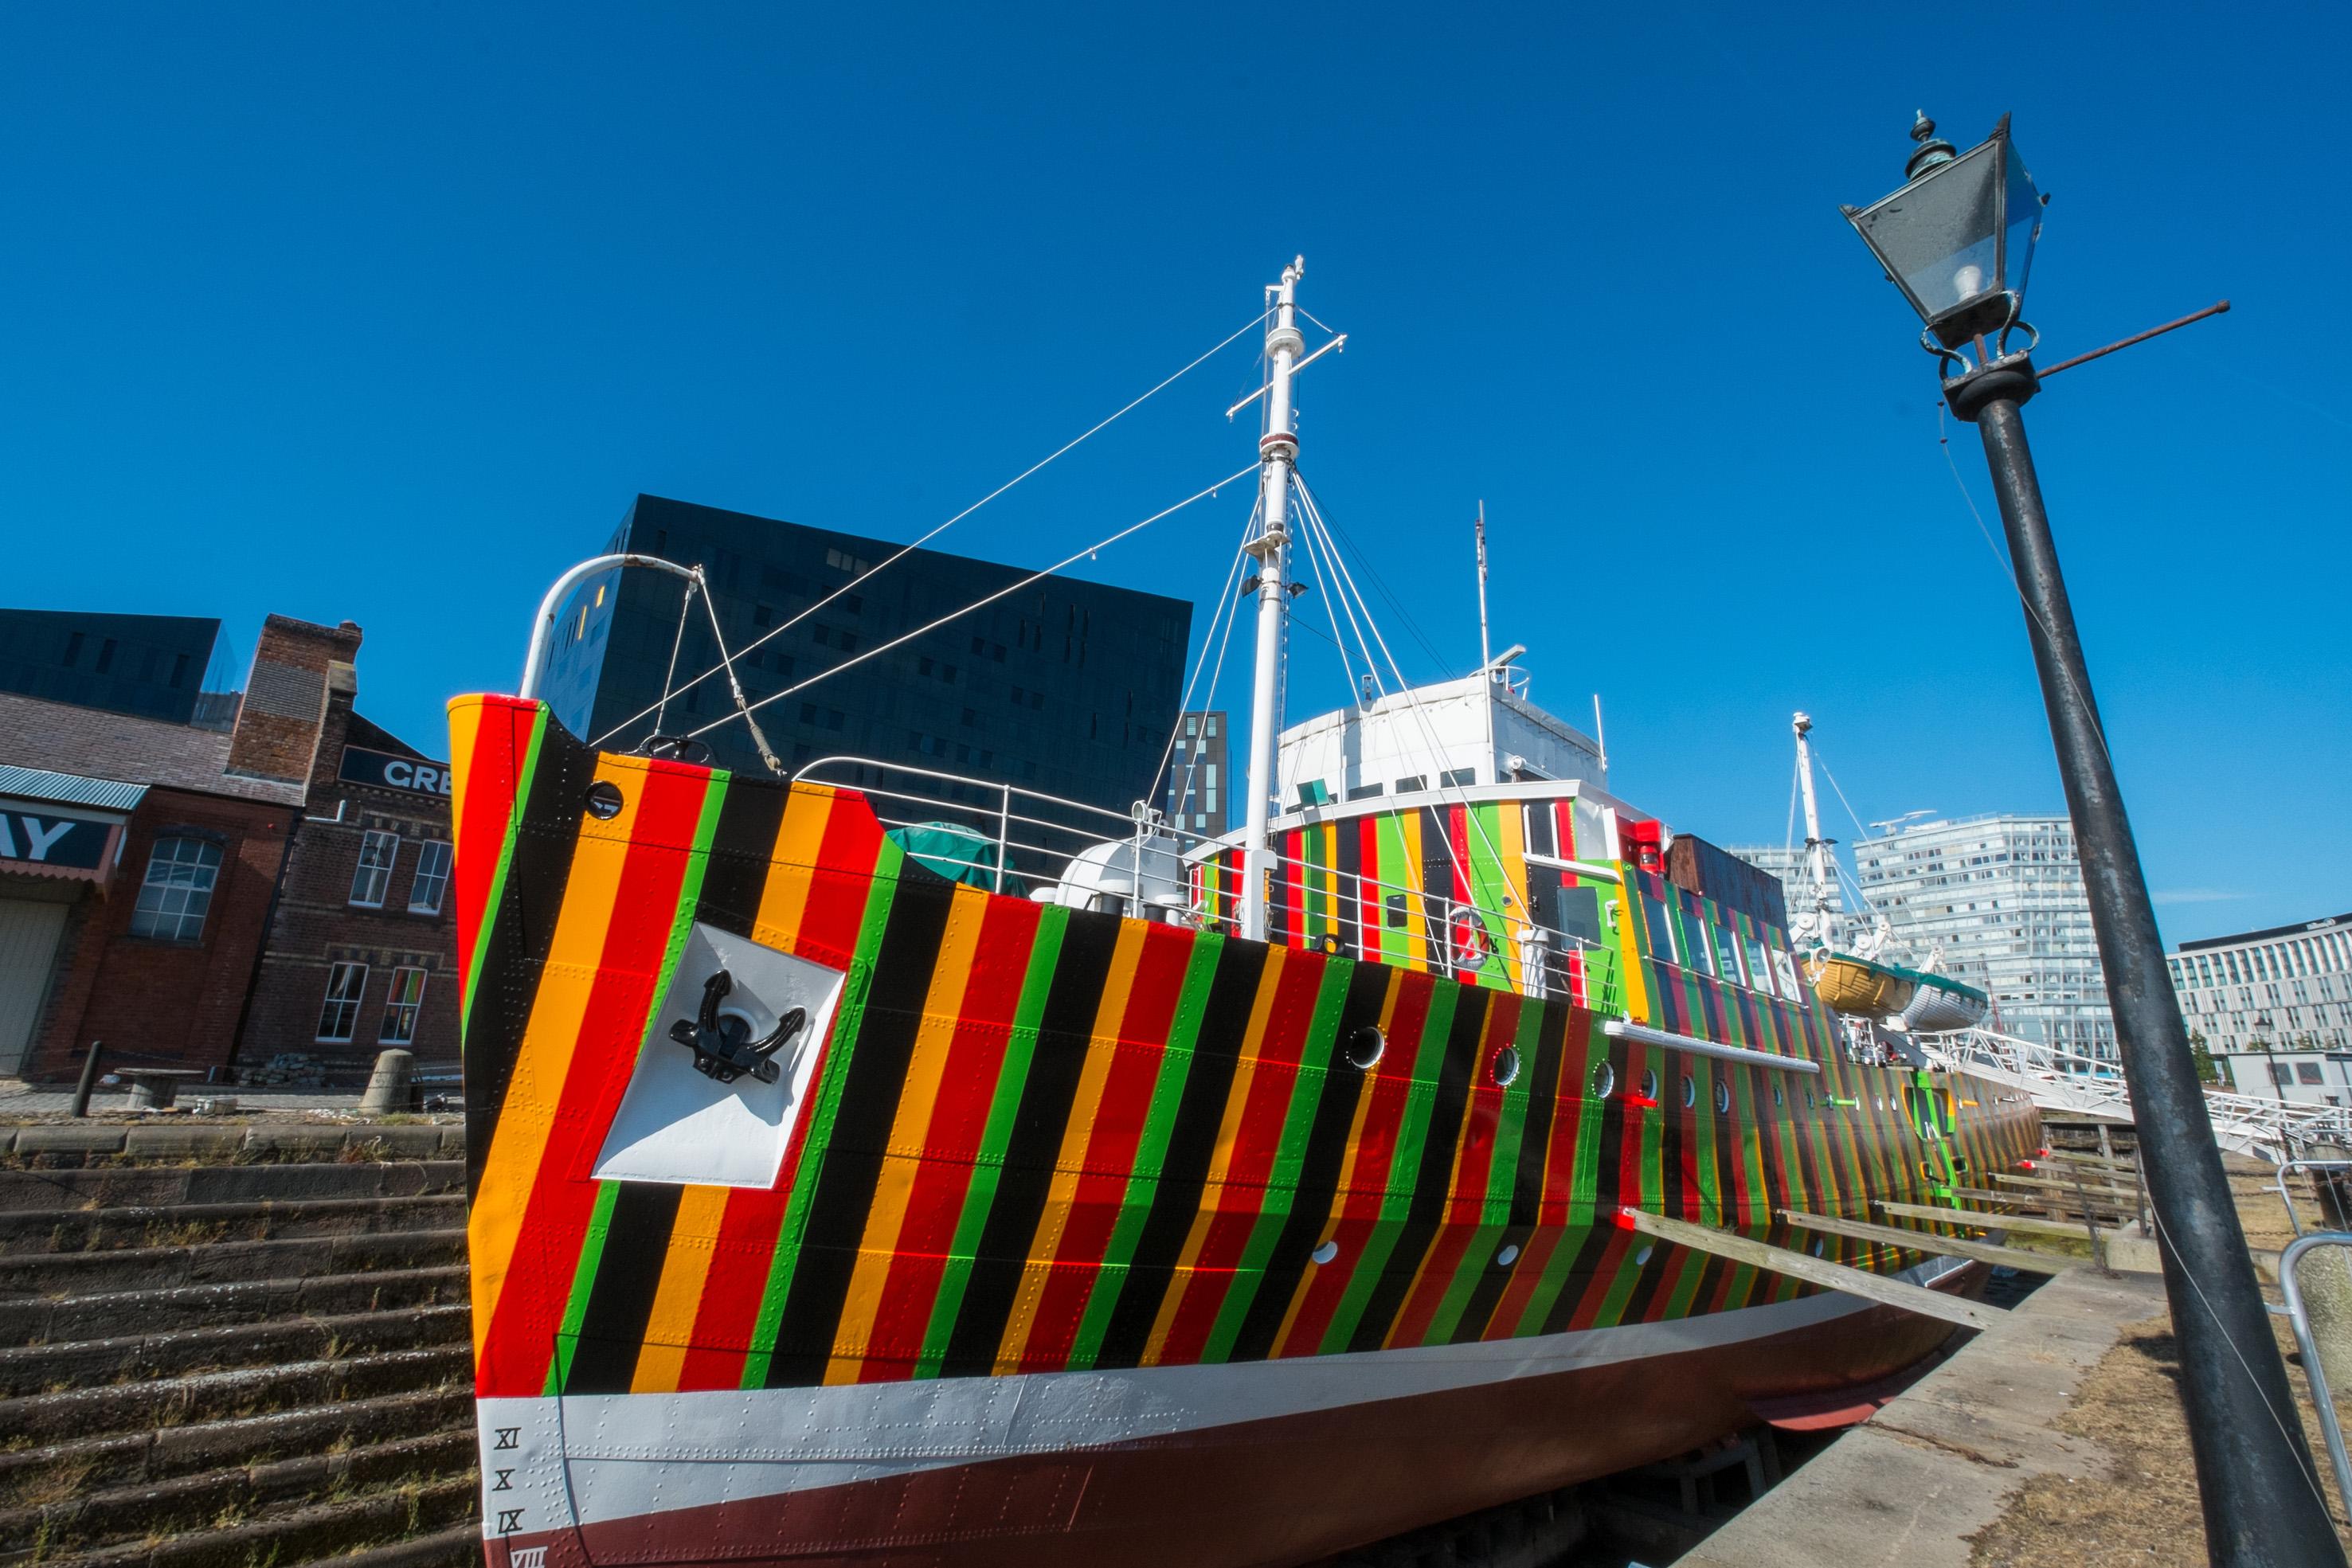 Dazzle Ship Liverpool, Carlos Cruz-Diez, 2014. Image credit - Mark McNulty [3]